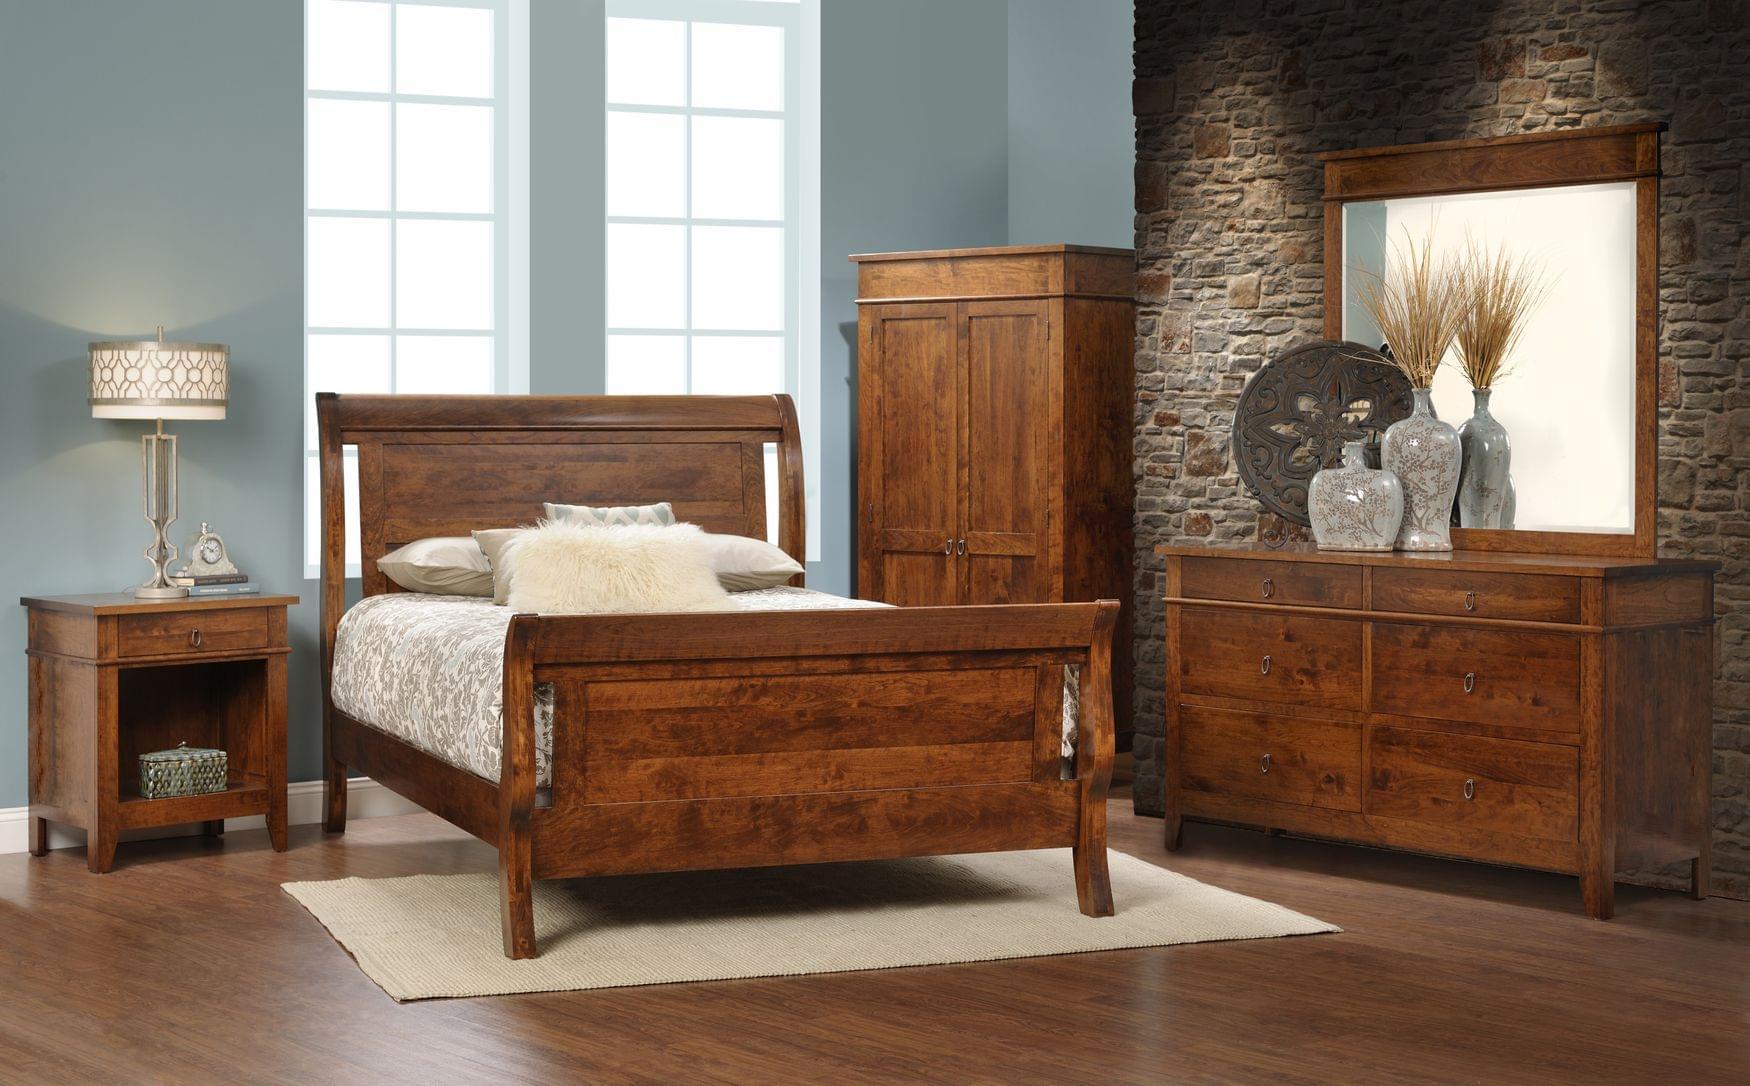 railside furnishings. Black Bedroom Furniture Sets. Home Design Ideas